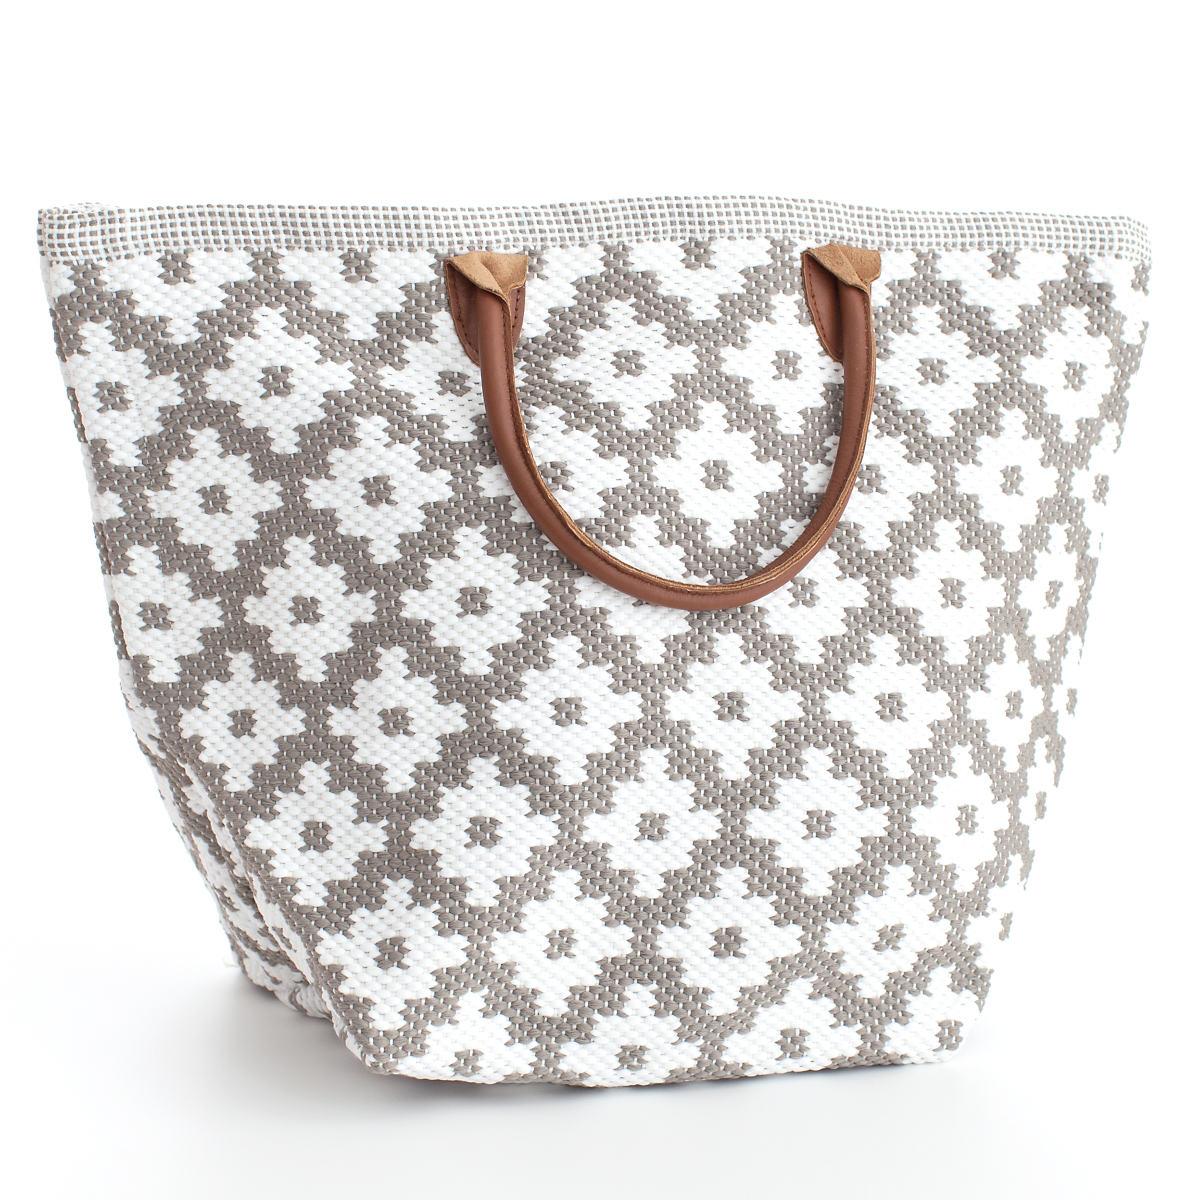 Le Tote Fieldstone/White Tote Bag Grand